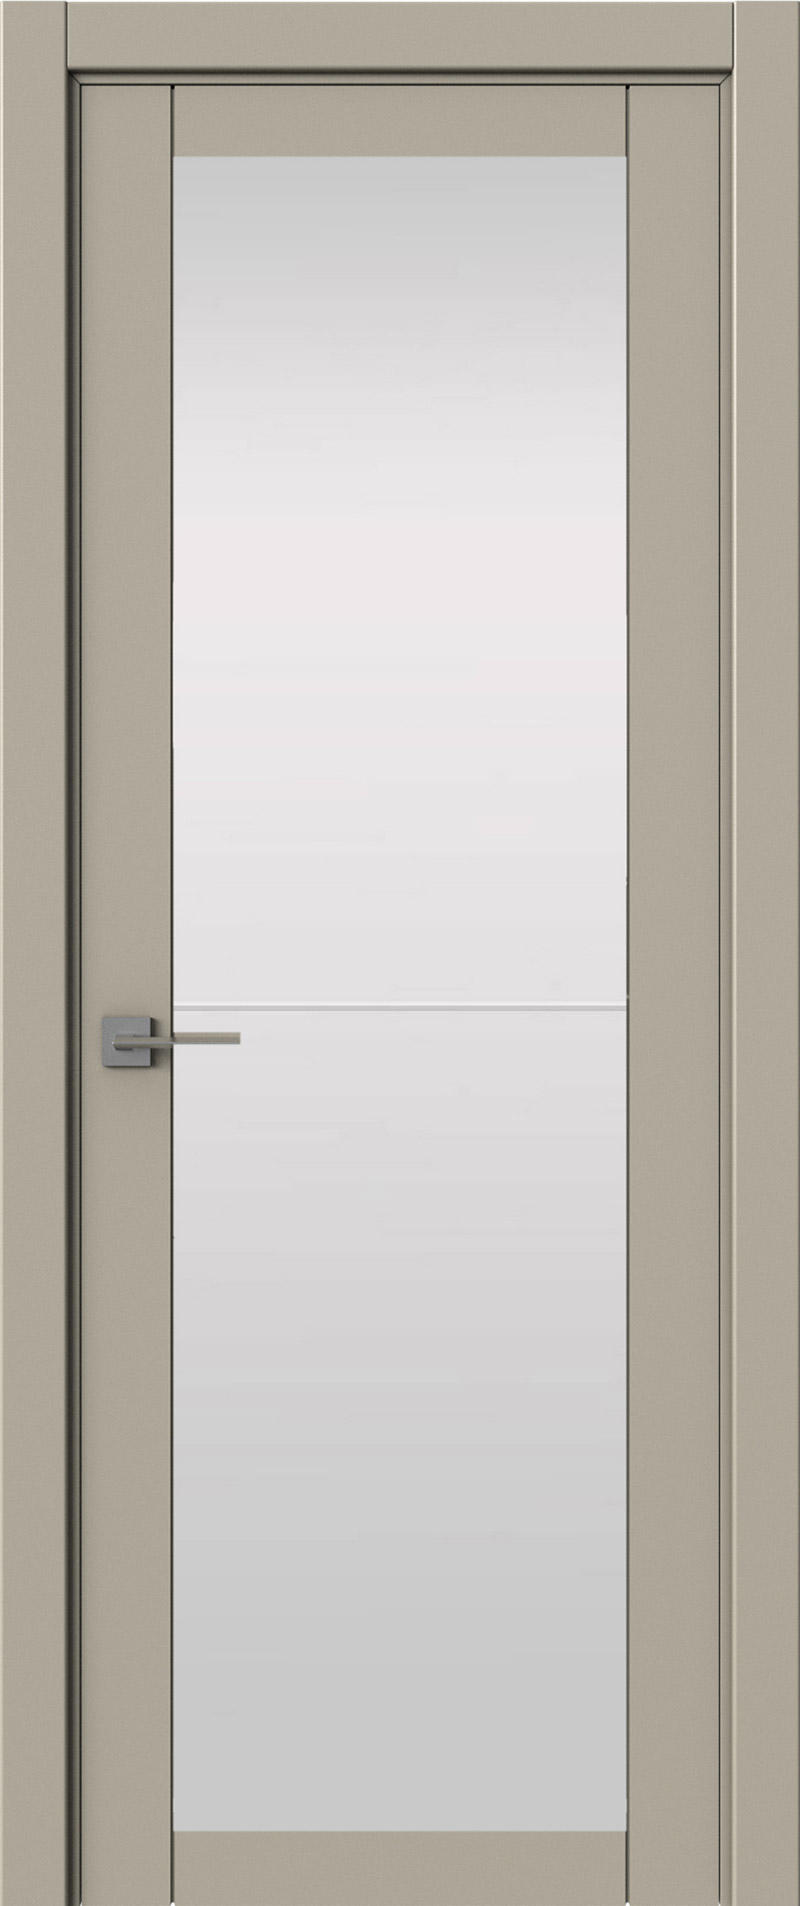 Tivoli З-2 цвет - Серо-оливковая эмаль (RAL 7032) Со стеклом (ДО)